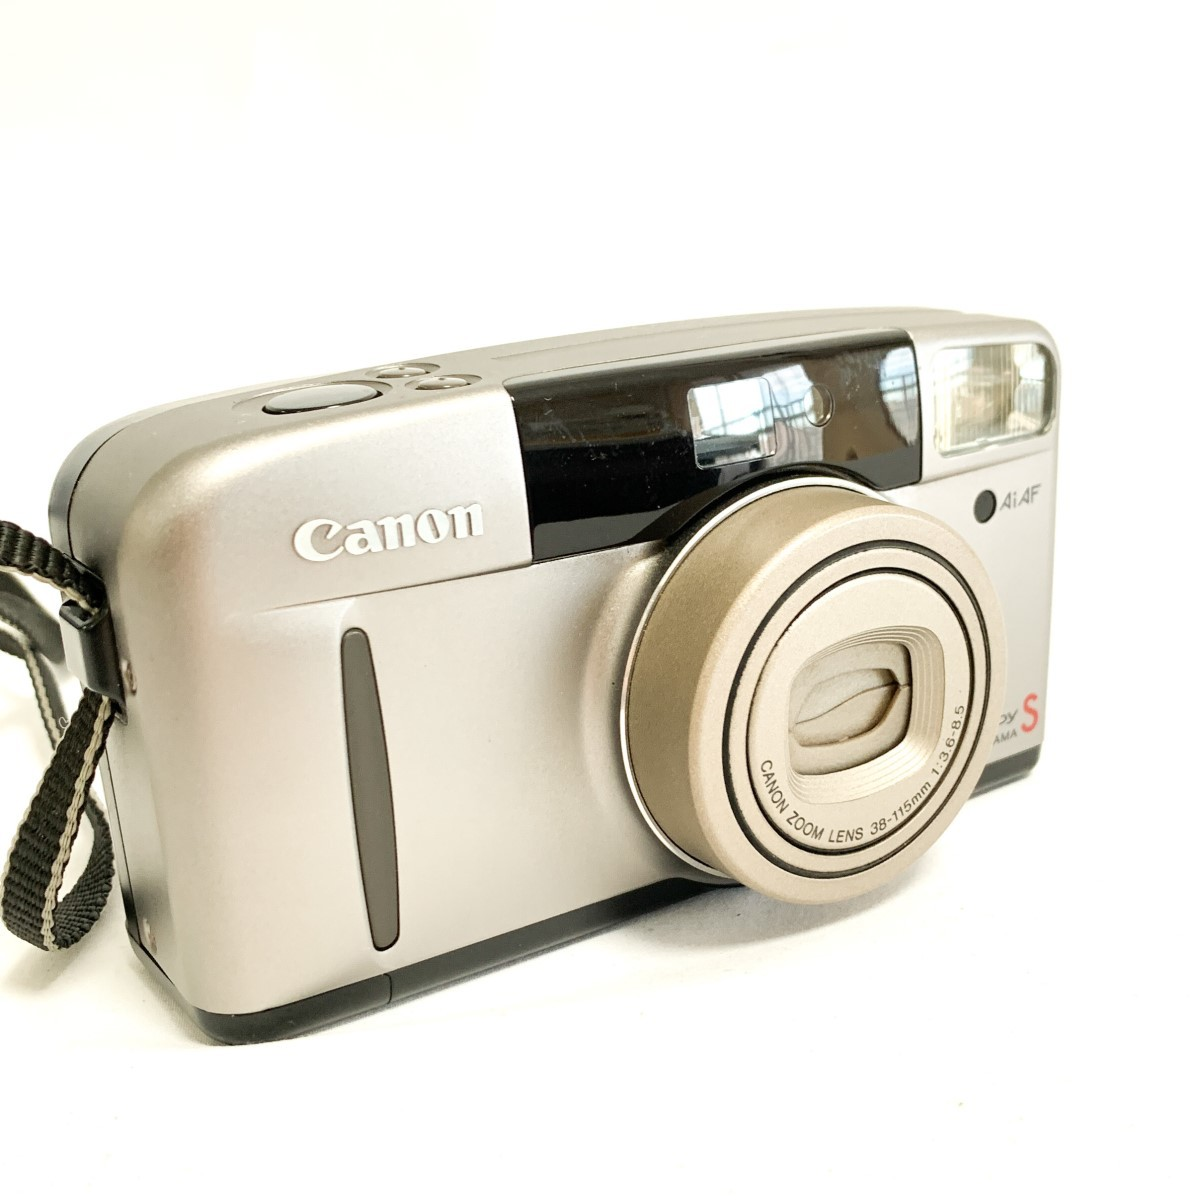 【極美品 完動品】Canon Autoboy S PANORAMA Ai AF 38-115mm 広角~望遠域レンズ パノラマ撮影 キャノン コンパクトフィルムカメラ C424_画像2